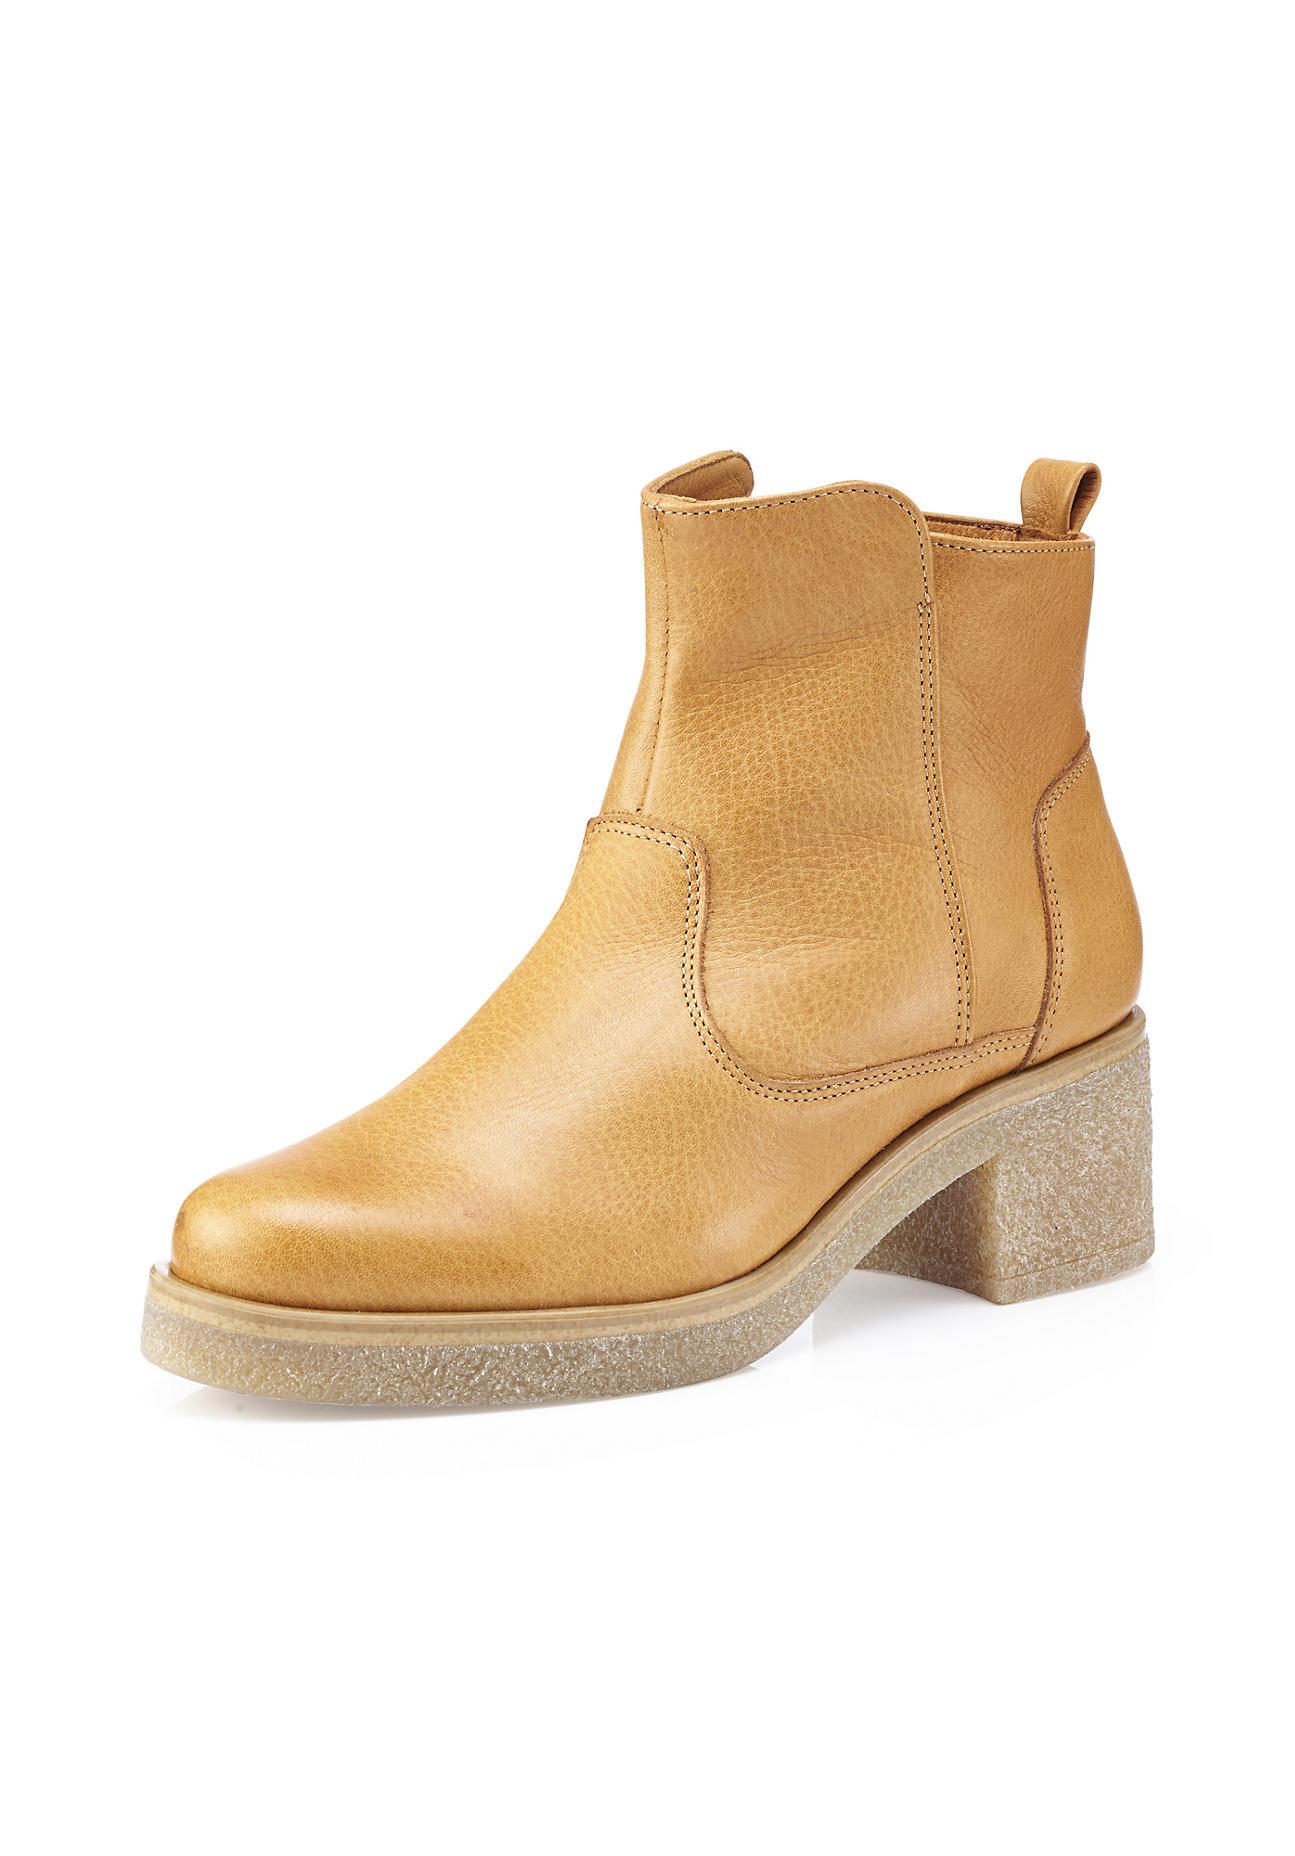 hessnatur Damen Damen Stiefelette aus Leder – gelb – Größe 41